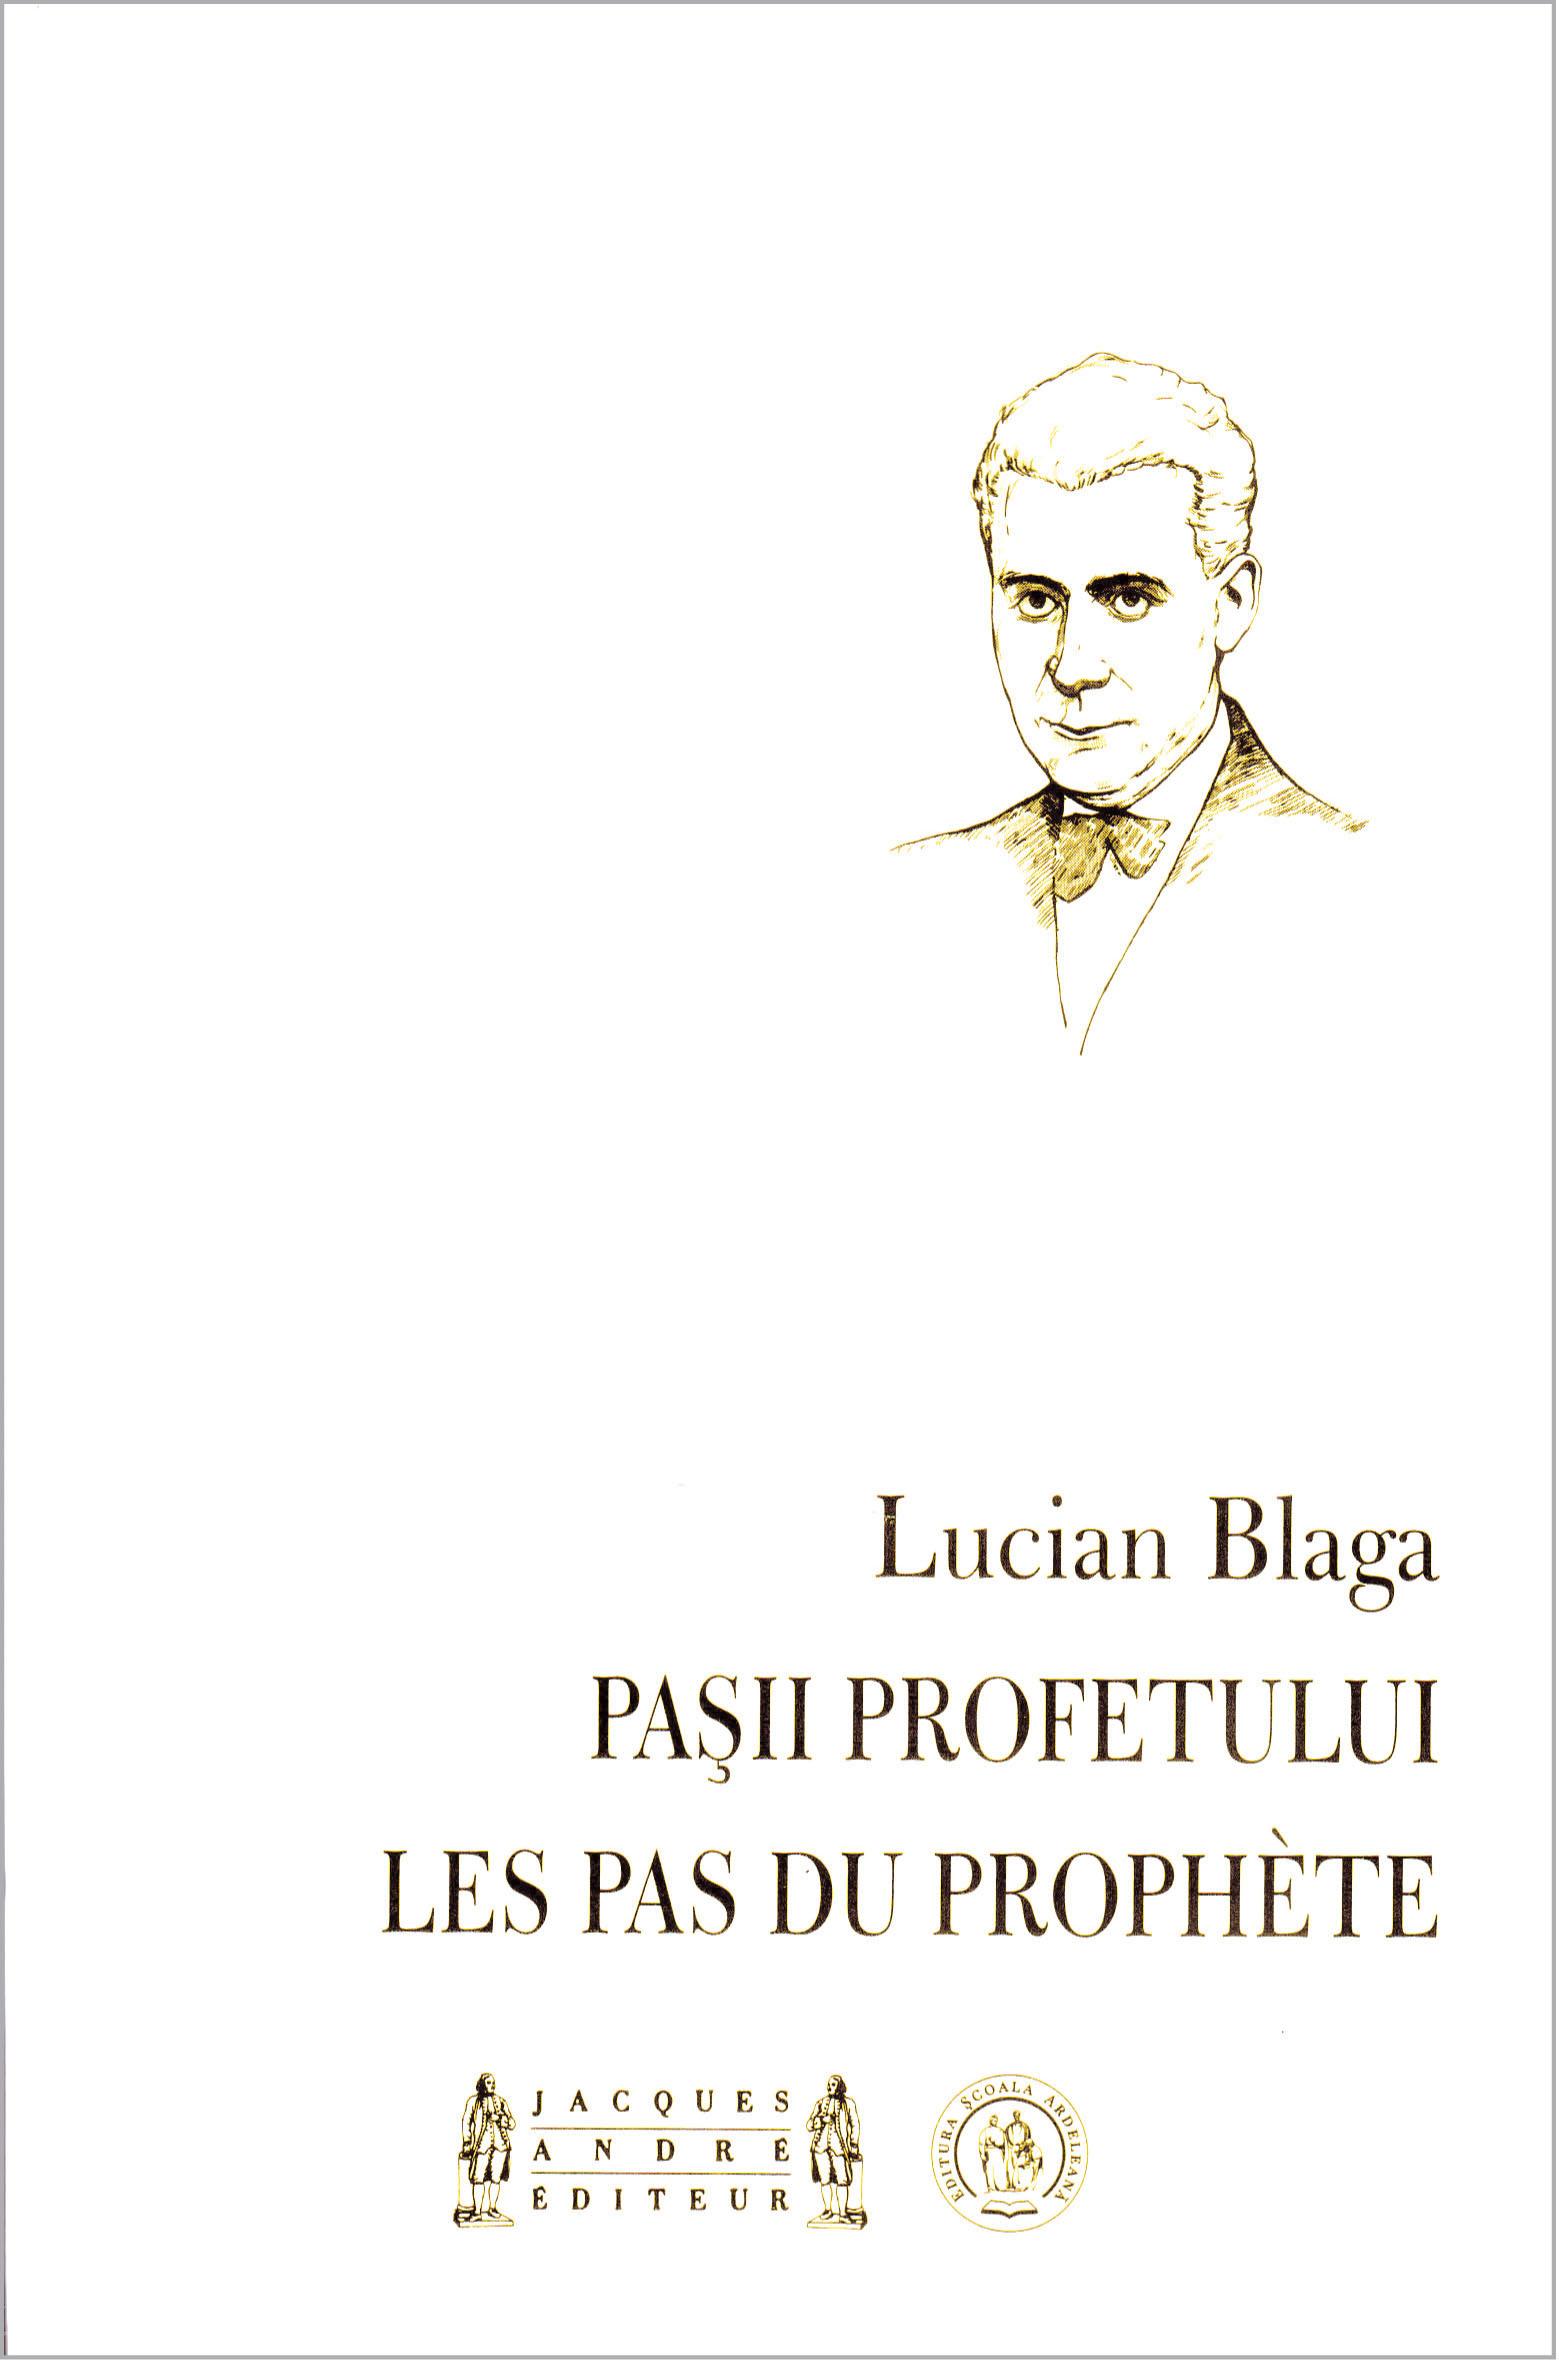 Les Pas du prophète Pasii Profetului